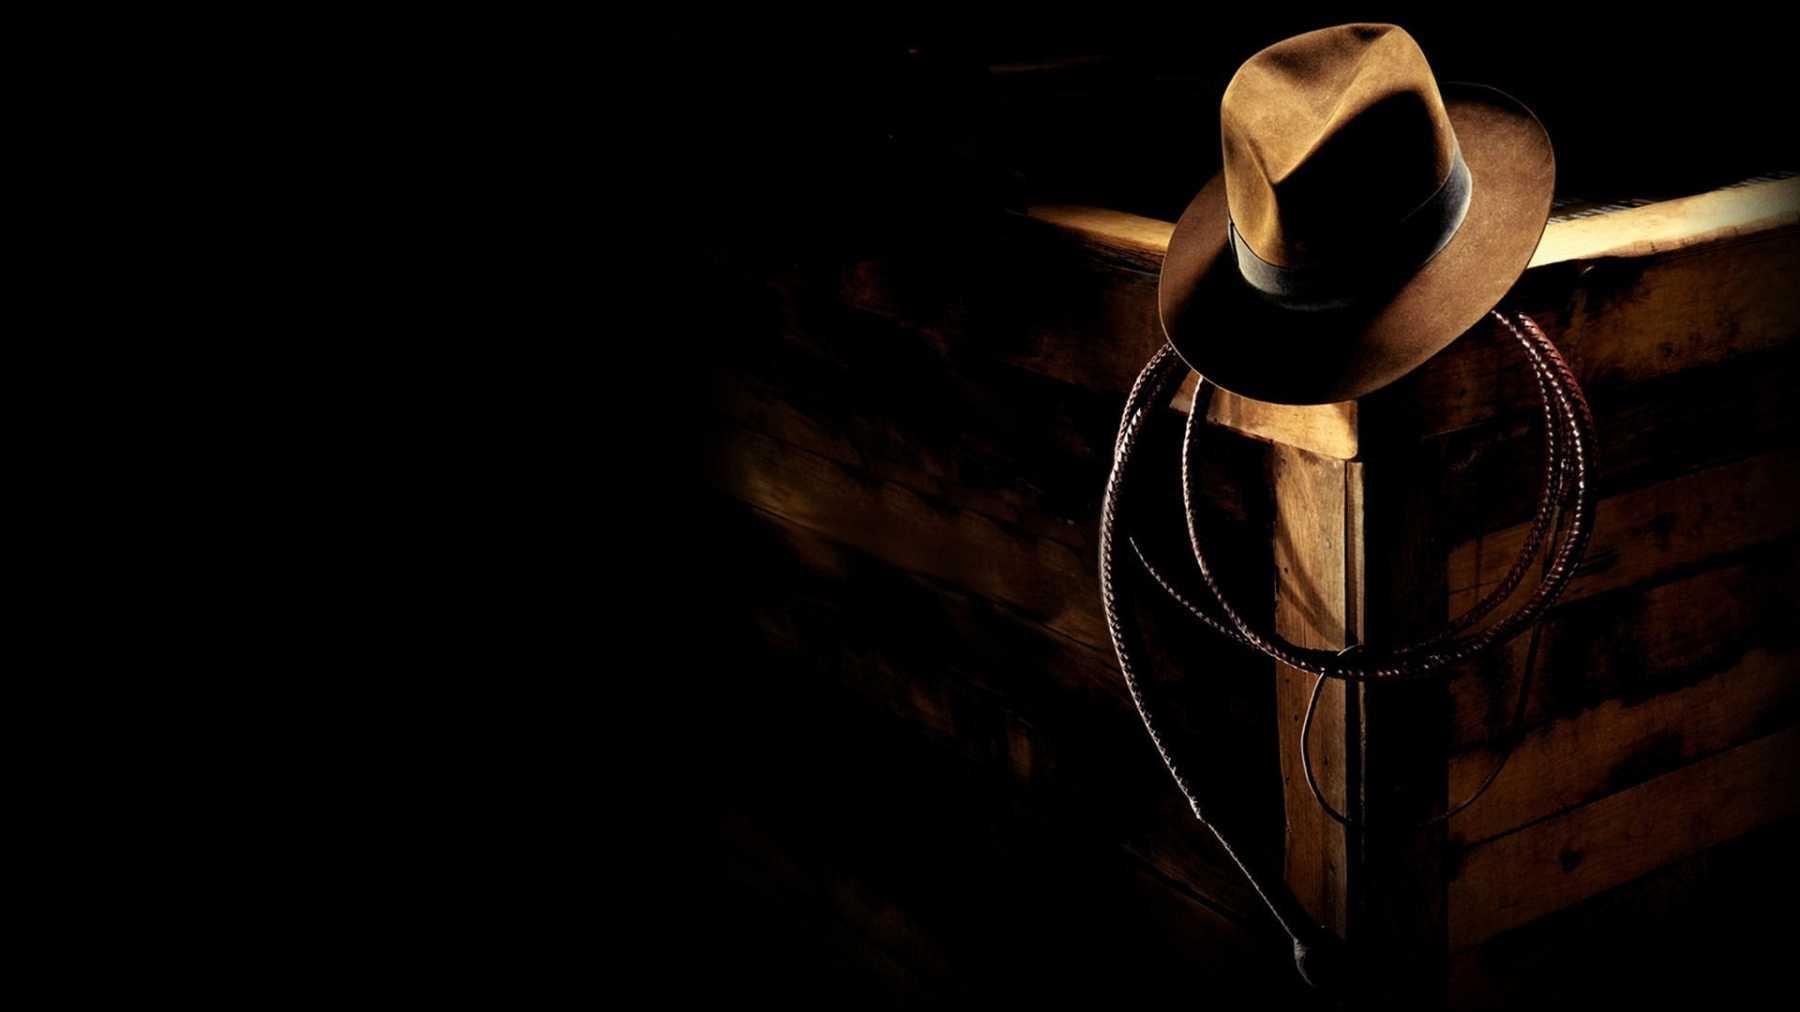 Steven Spielberg Shooting Indiana Jones 5 Next In 2019 | Indiana Jones 5